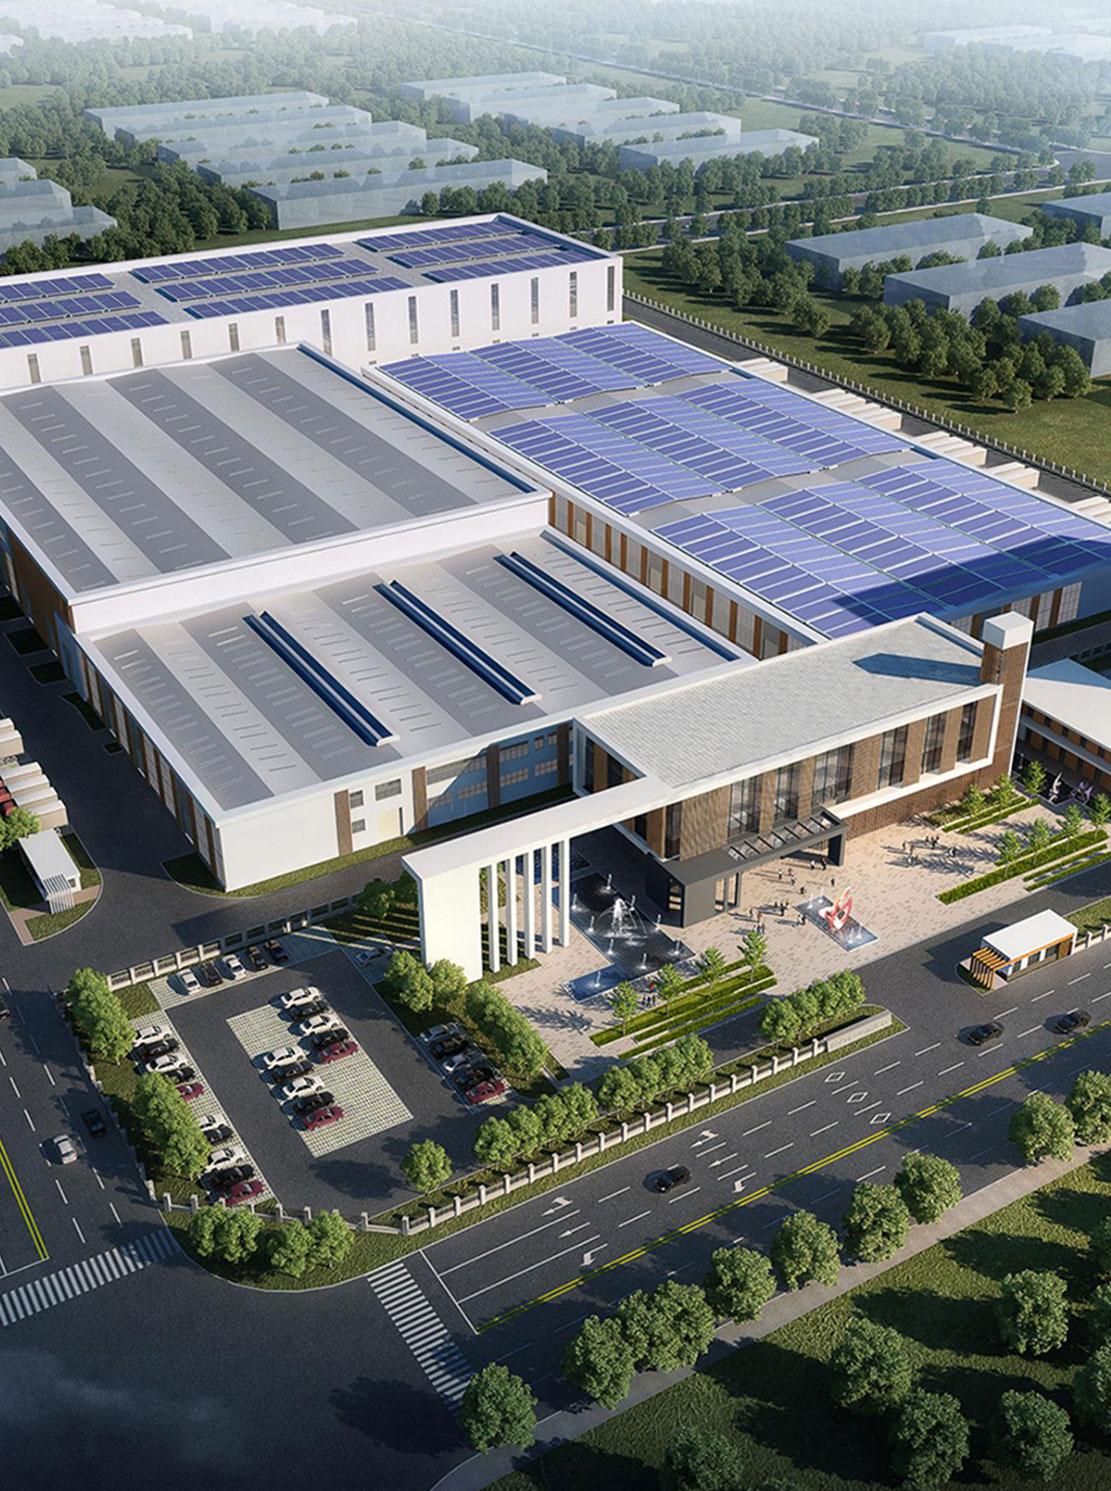 2018年,张小泉阳江刀剪智能制造中心项目落户阳江江城银铃科技产业园。项目用地面积8.6万平方米,总投资超过3.5亿元。项目投产后将实现年产超3000万件。